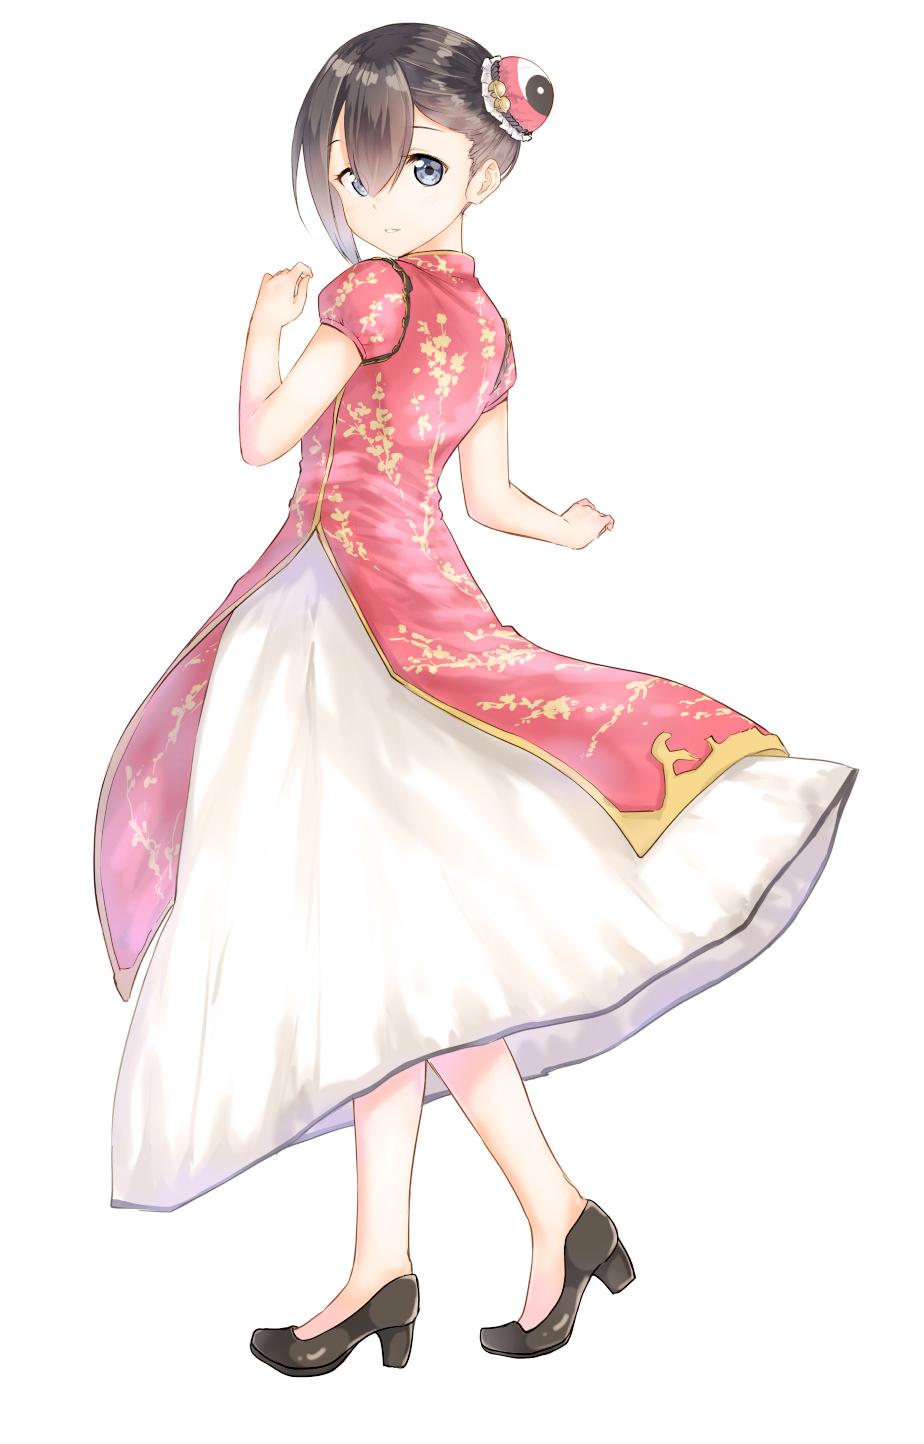 強調されたライン&脚線美にうっとり 『赤チャイナドレス×女子